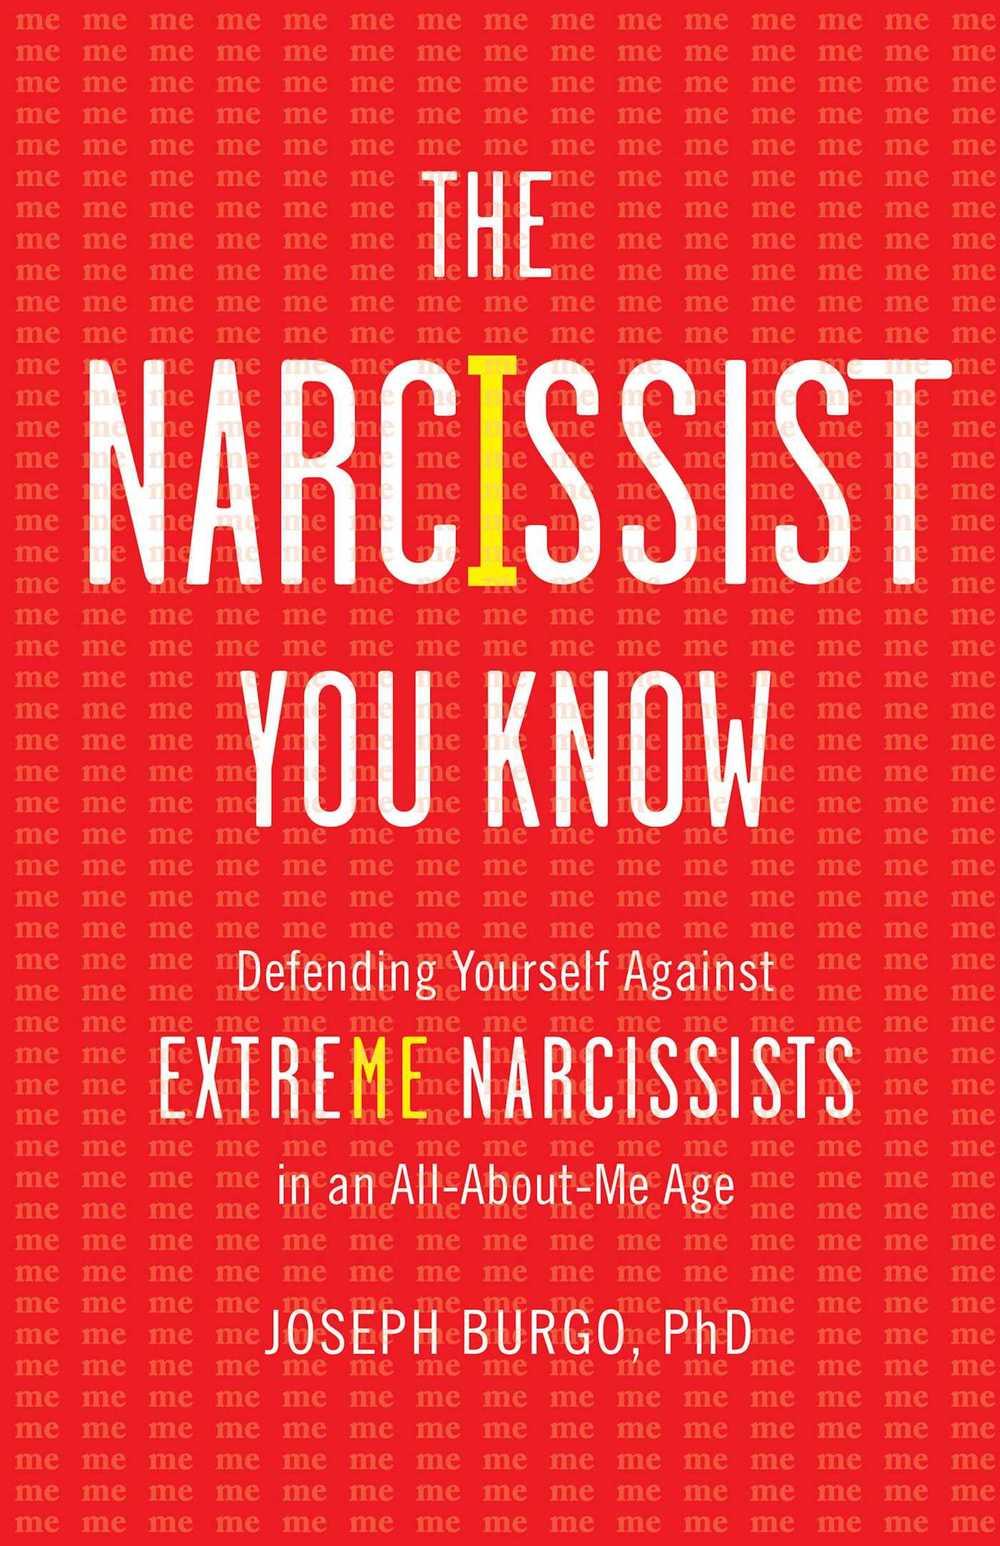 narcisis.jpg